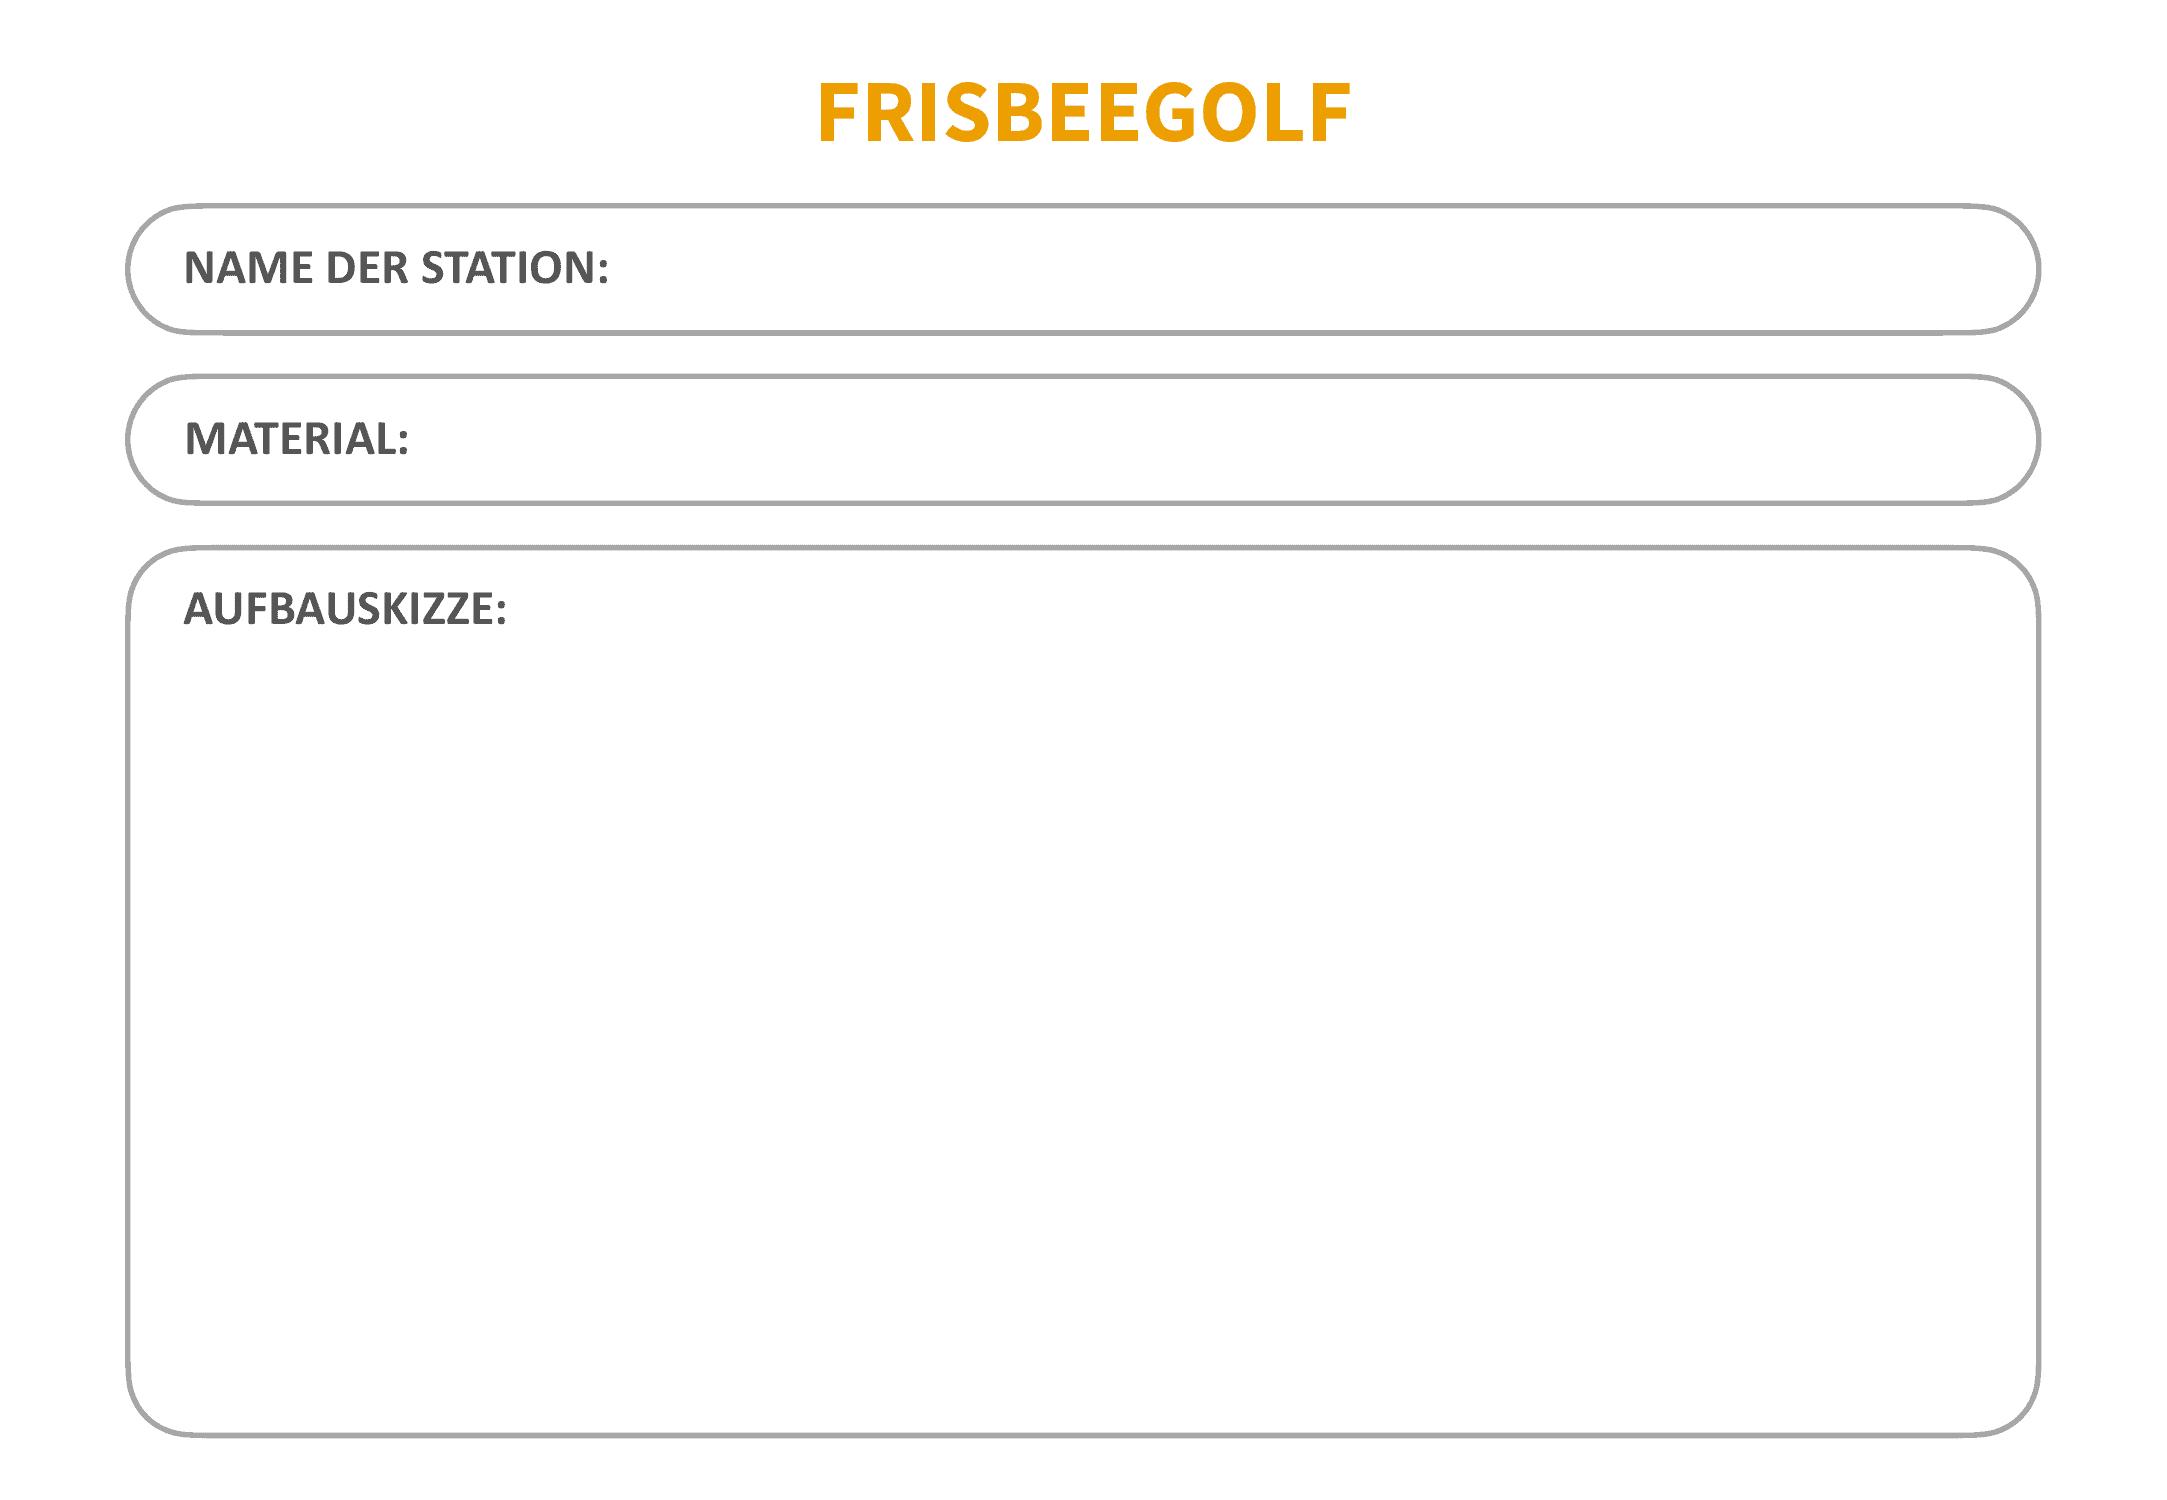 Frisbeegolf (Disc-Golf) - Blanko-Vorlage